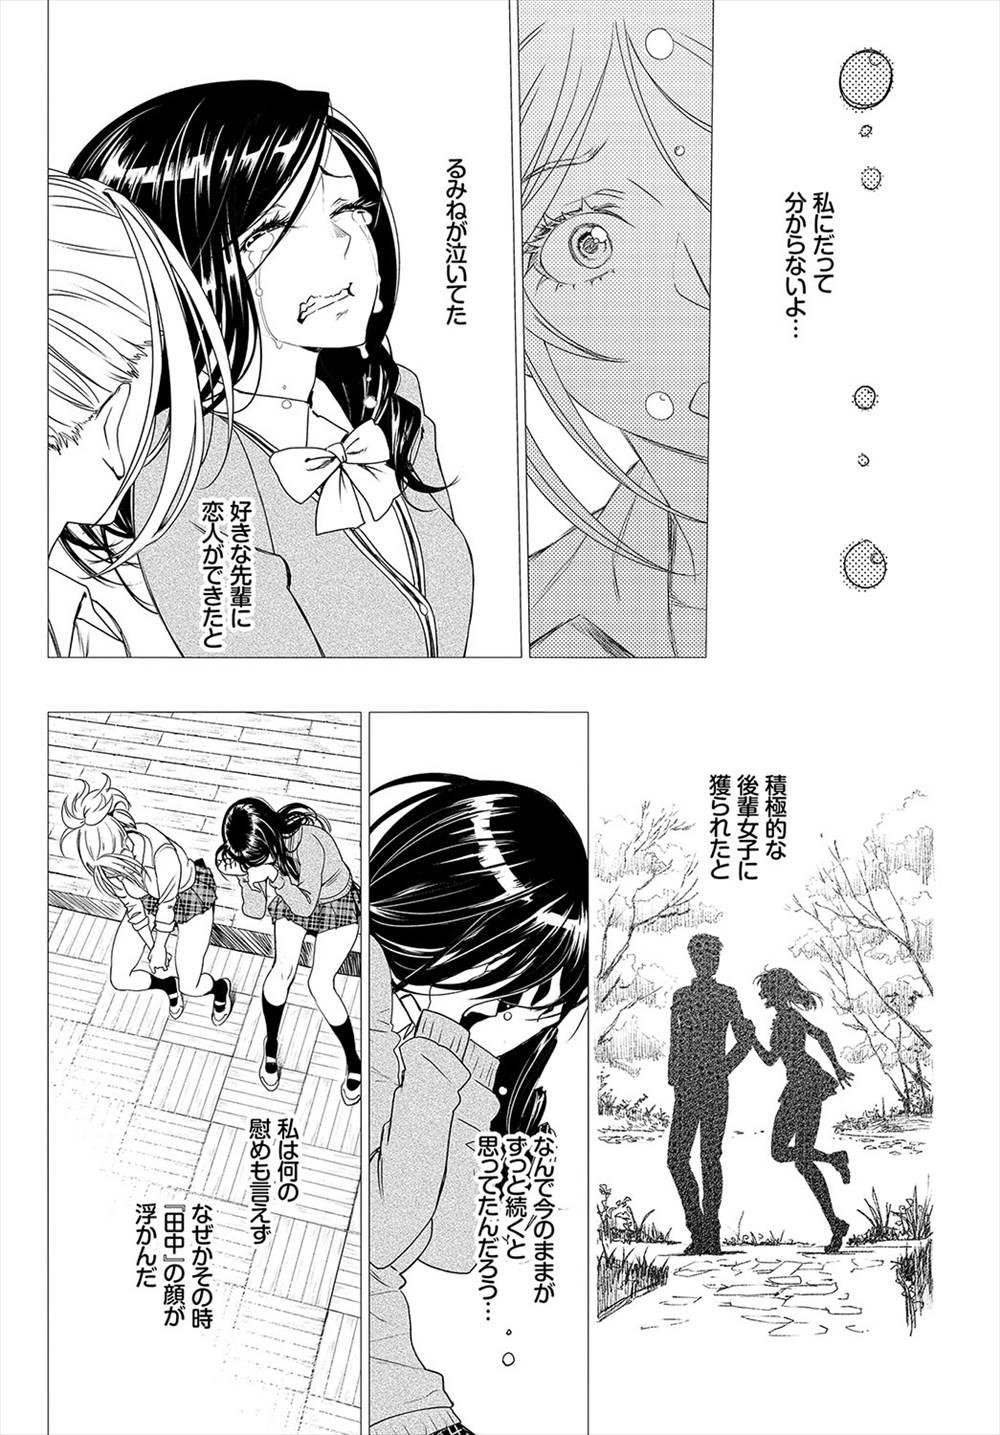 【エロ漫画】隣の席のギャルビッチJKと仲良くなった…神社で野外露出着衣ハメファックしちゃいましたww【美矢火:発情ラプソティ】